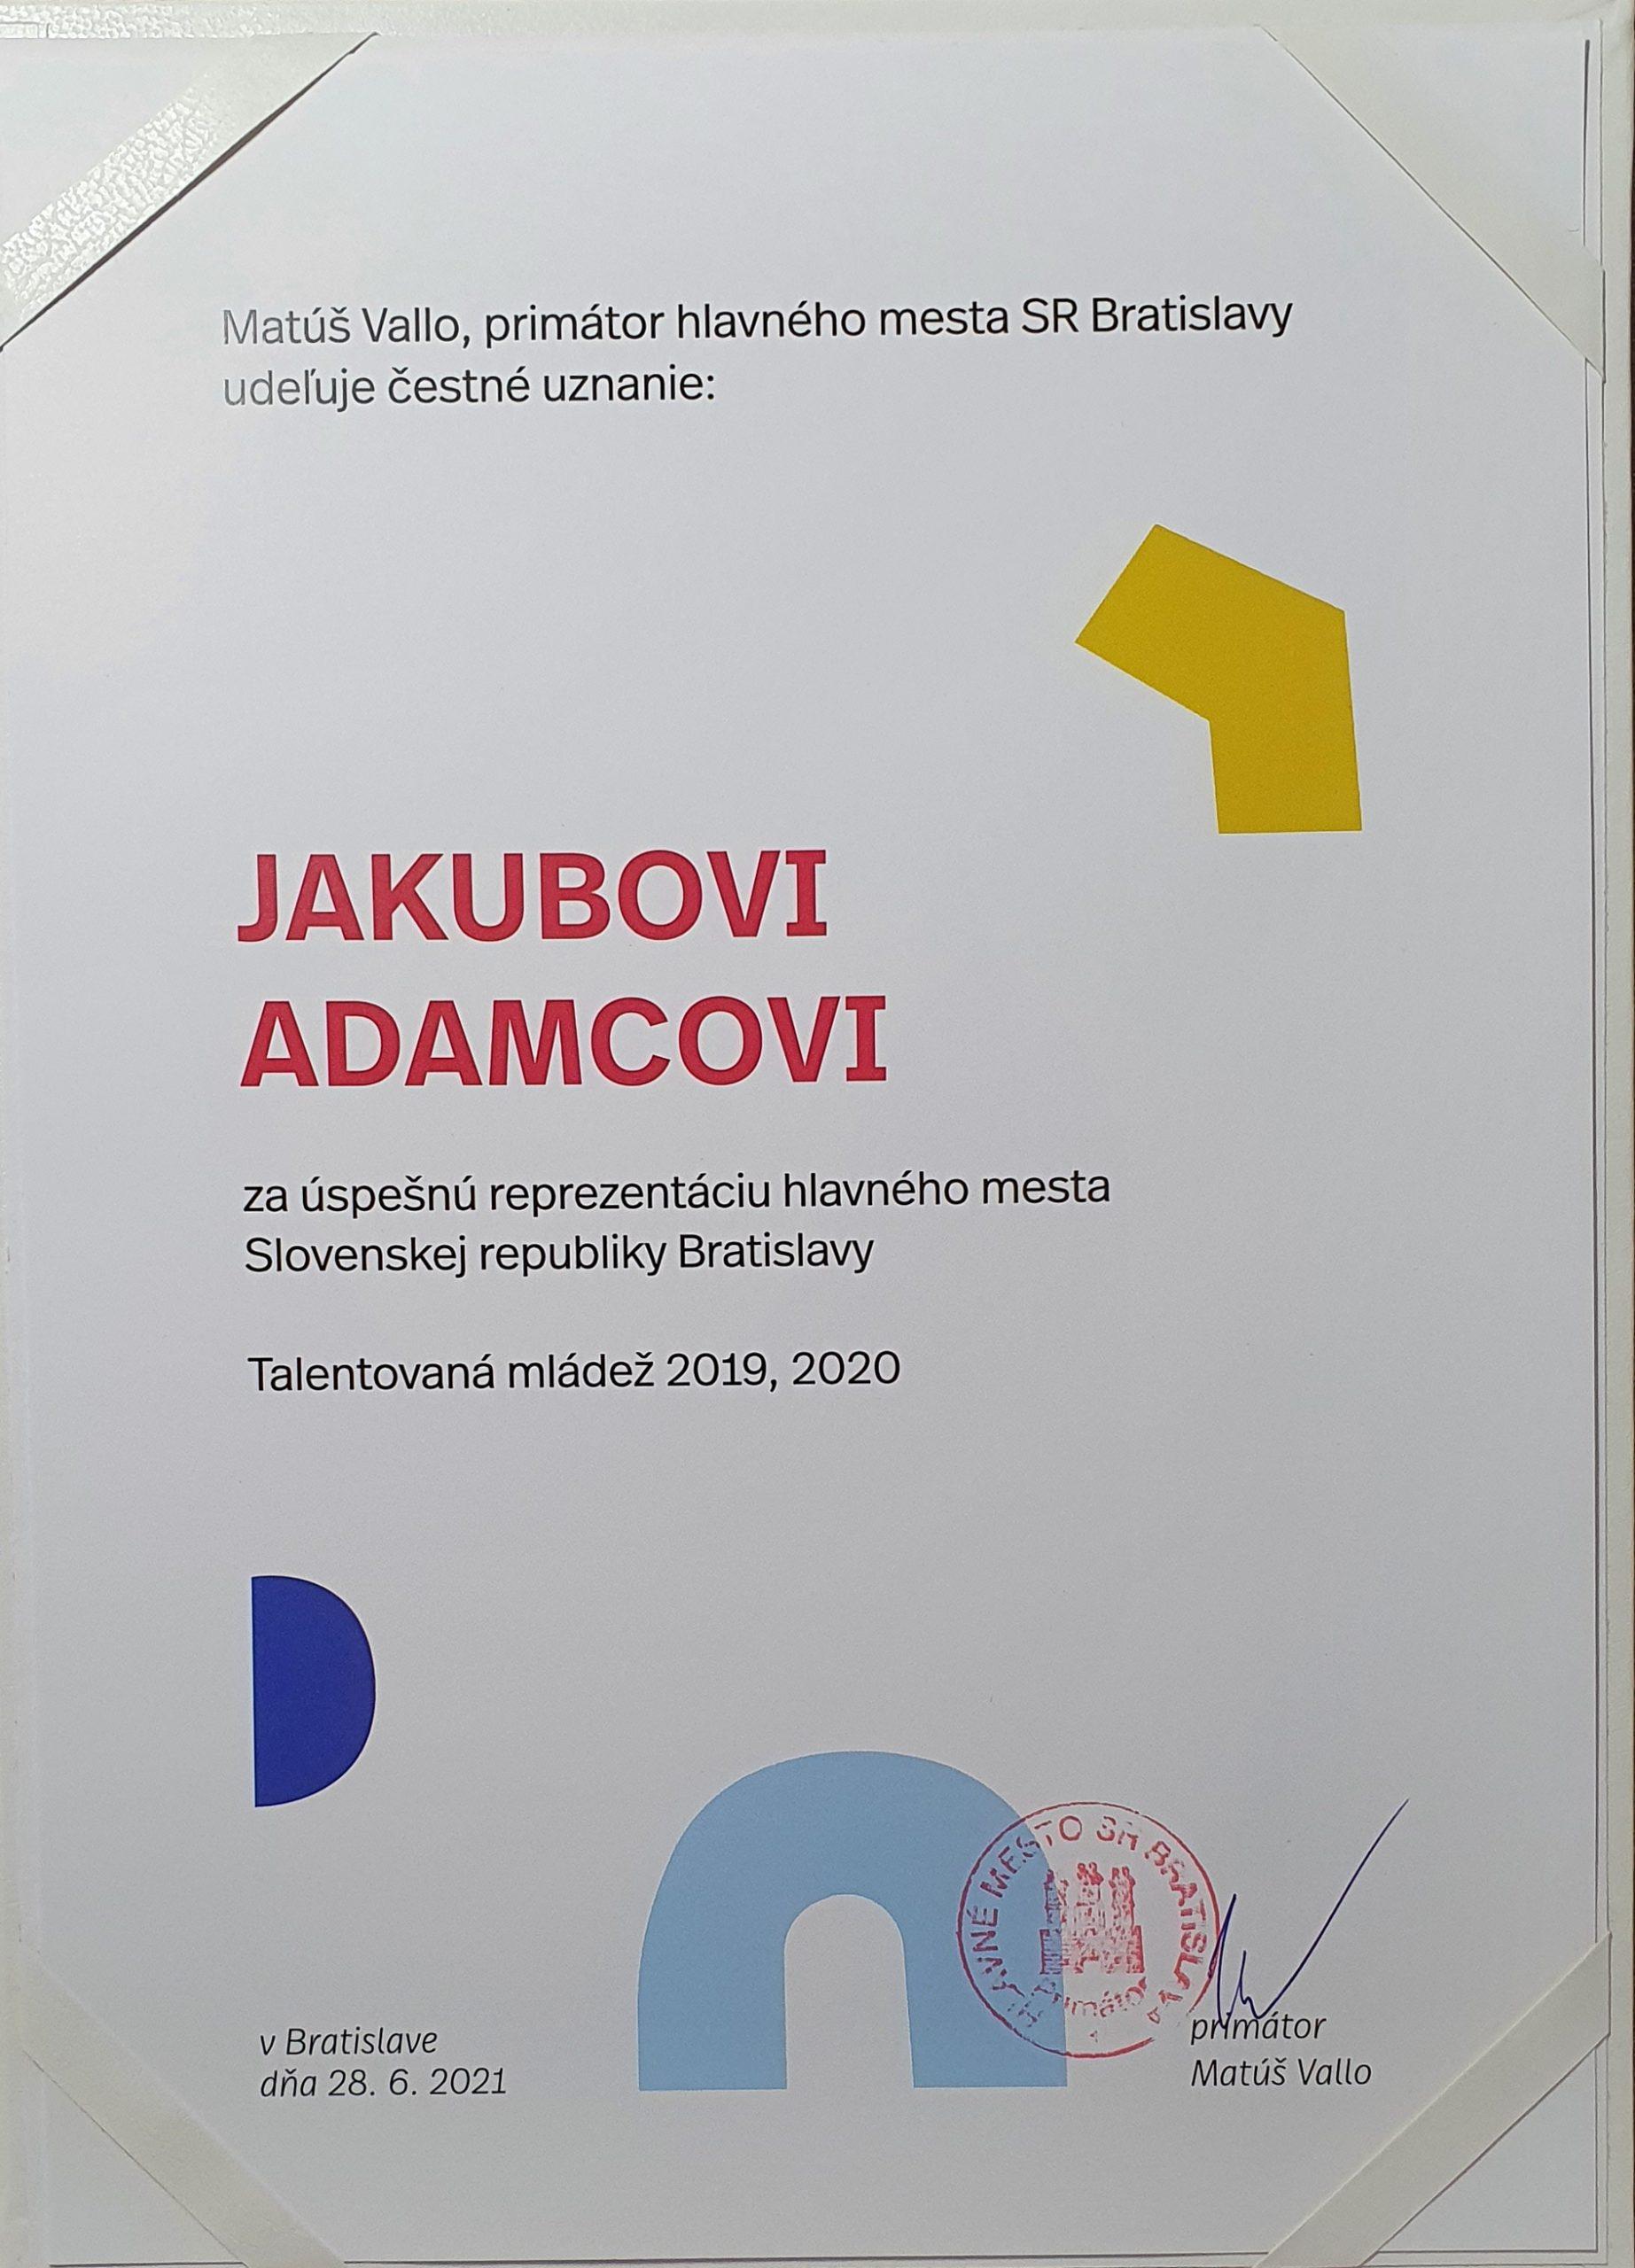 Čestné uznanie primátora hlavného mesta SR Bratislavy, Matúša Valla